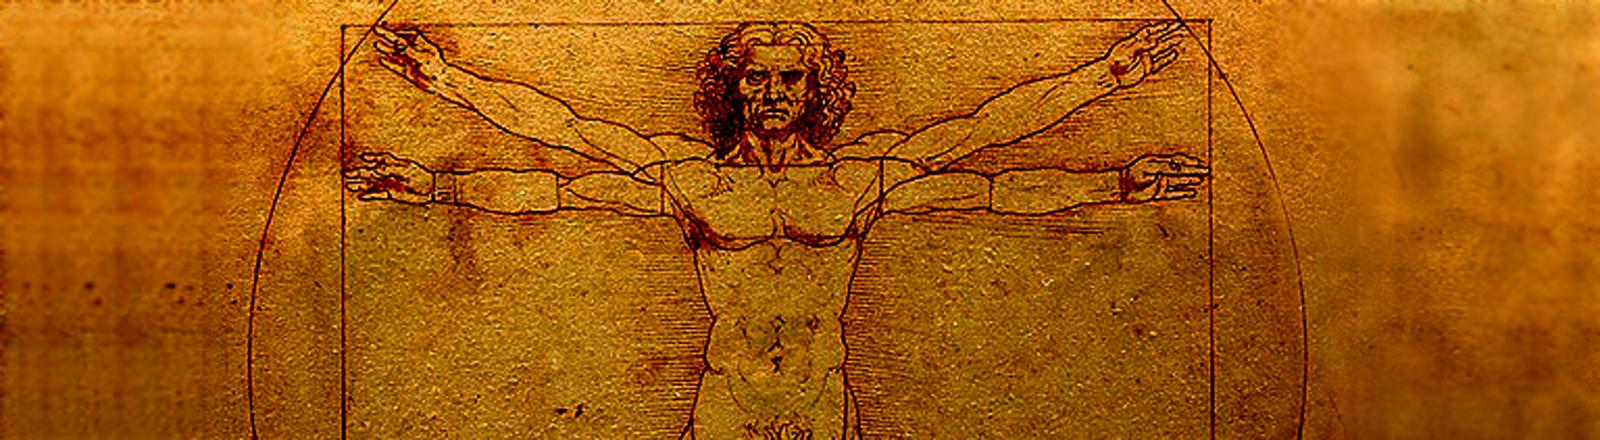 Leonardo da Vinci zeichnete 1490 den vitruvianischen Menschen - mit idealisierten Proportionen nach den Vorstellungen des Architekten Vitruv.